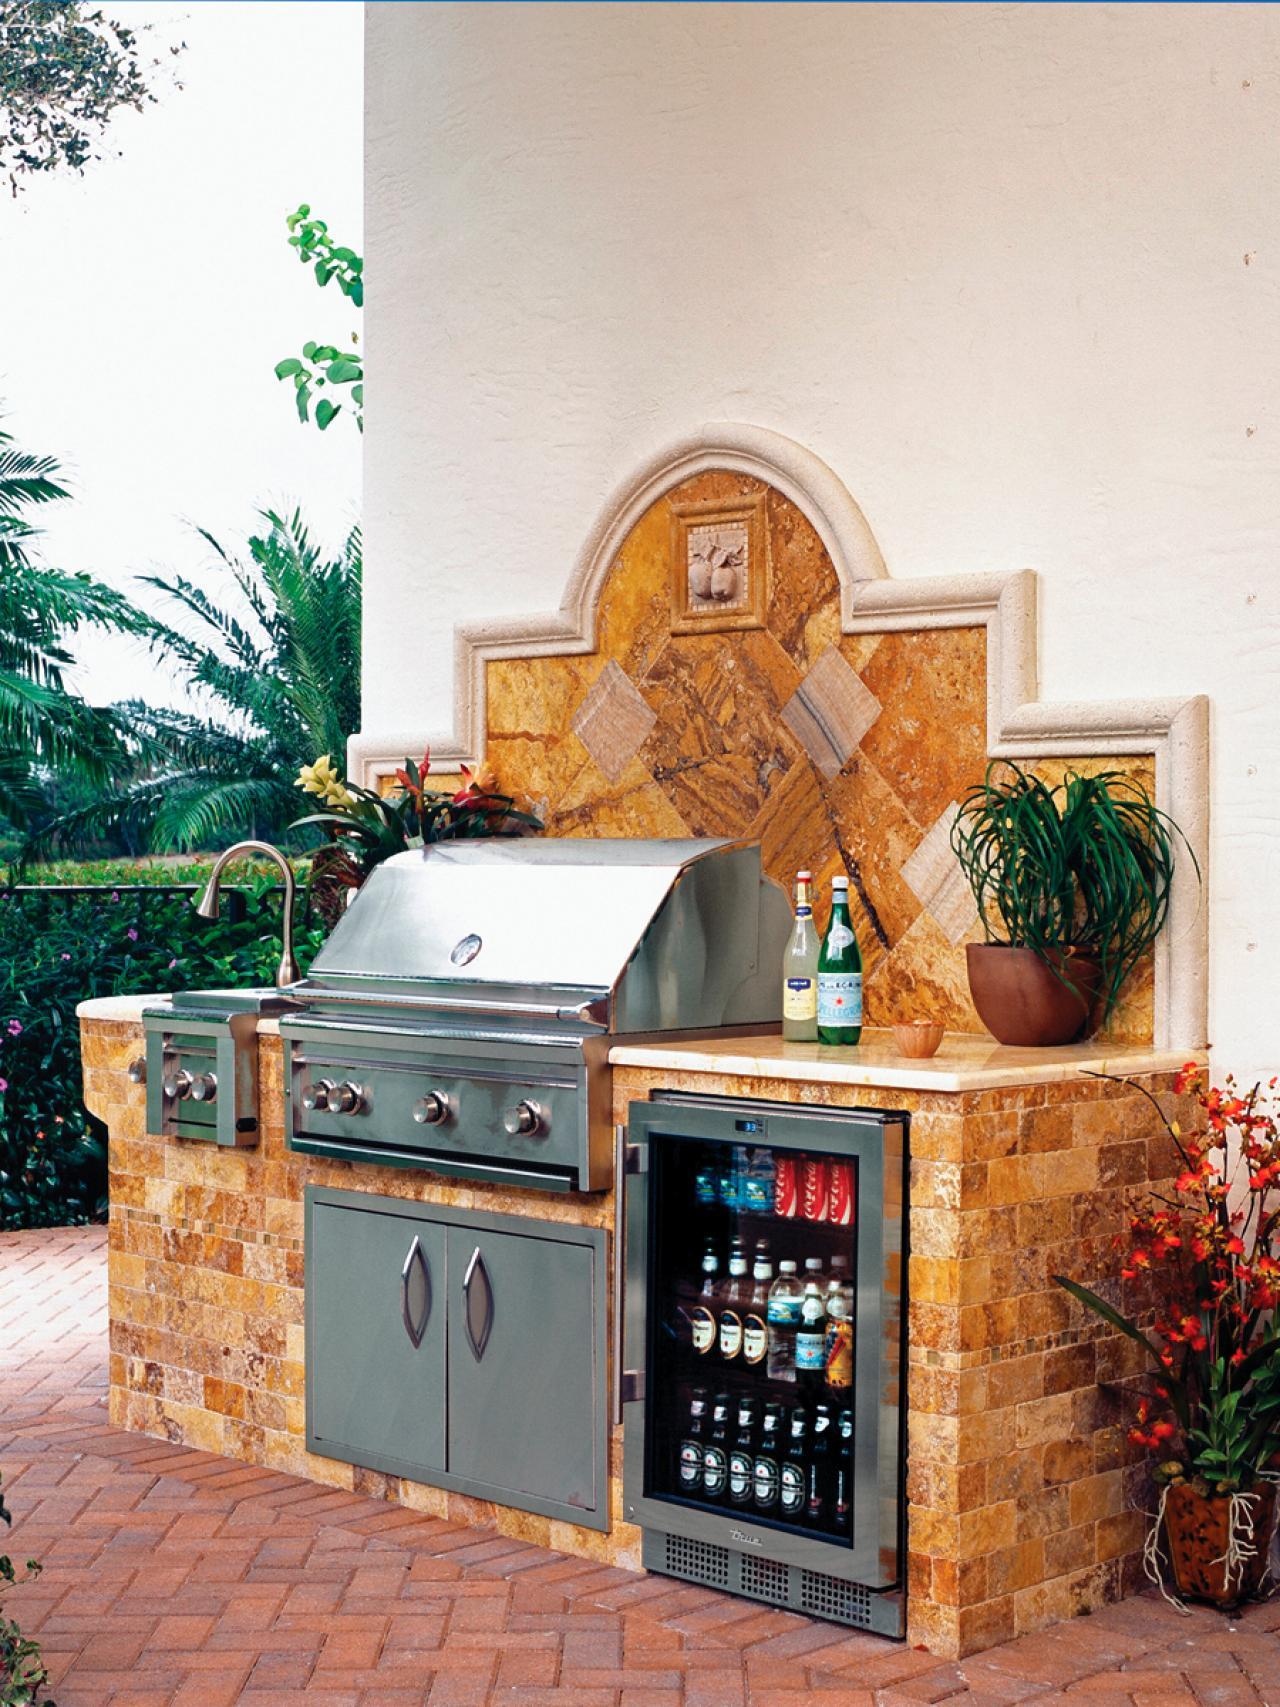 [Outdoor Kitchen Ideas Designs Network Cooking Storage Camp] stone outdoor kitchen cabinets